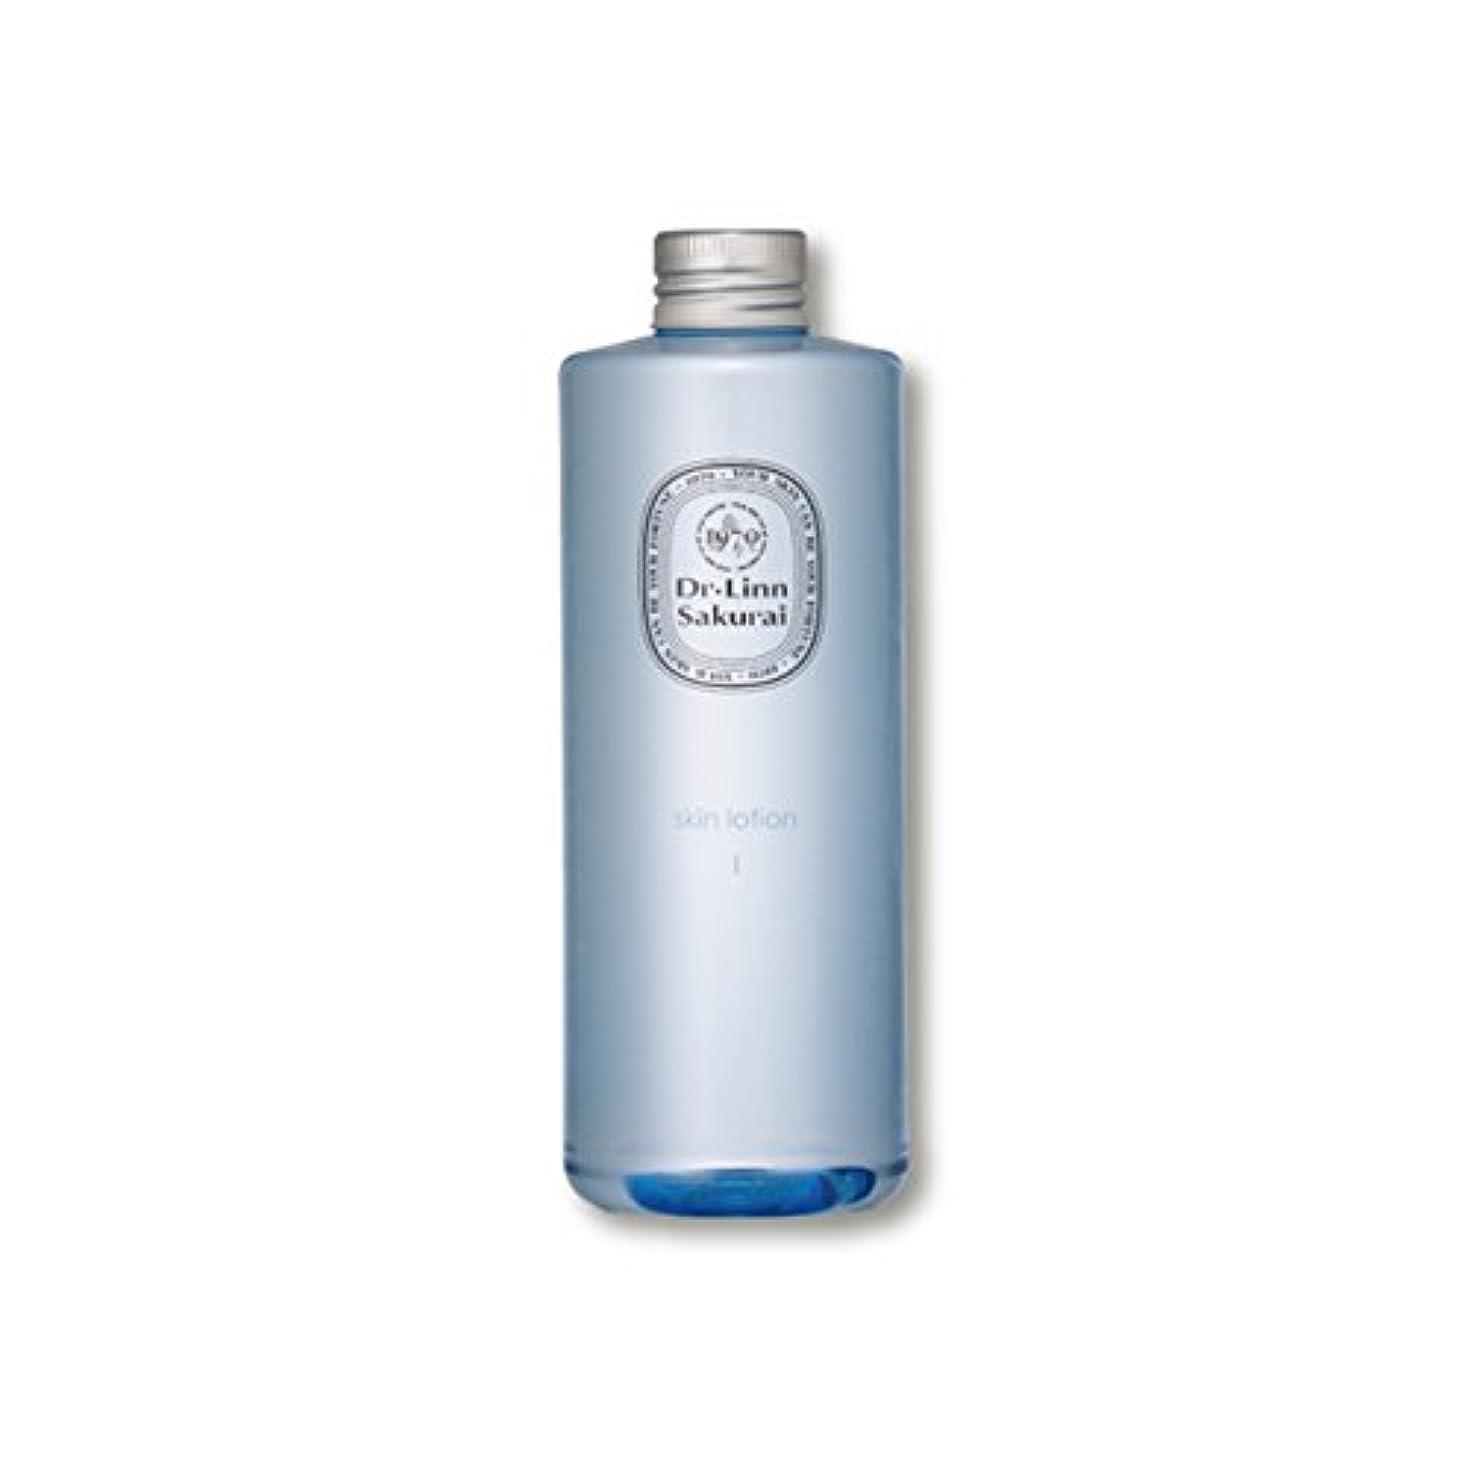 モデレータくびれた厚いドクターリンサクライ スキンローションI さっぱりタイプ 300ml  (化粧水)